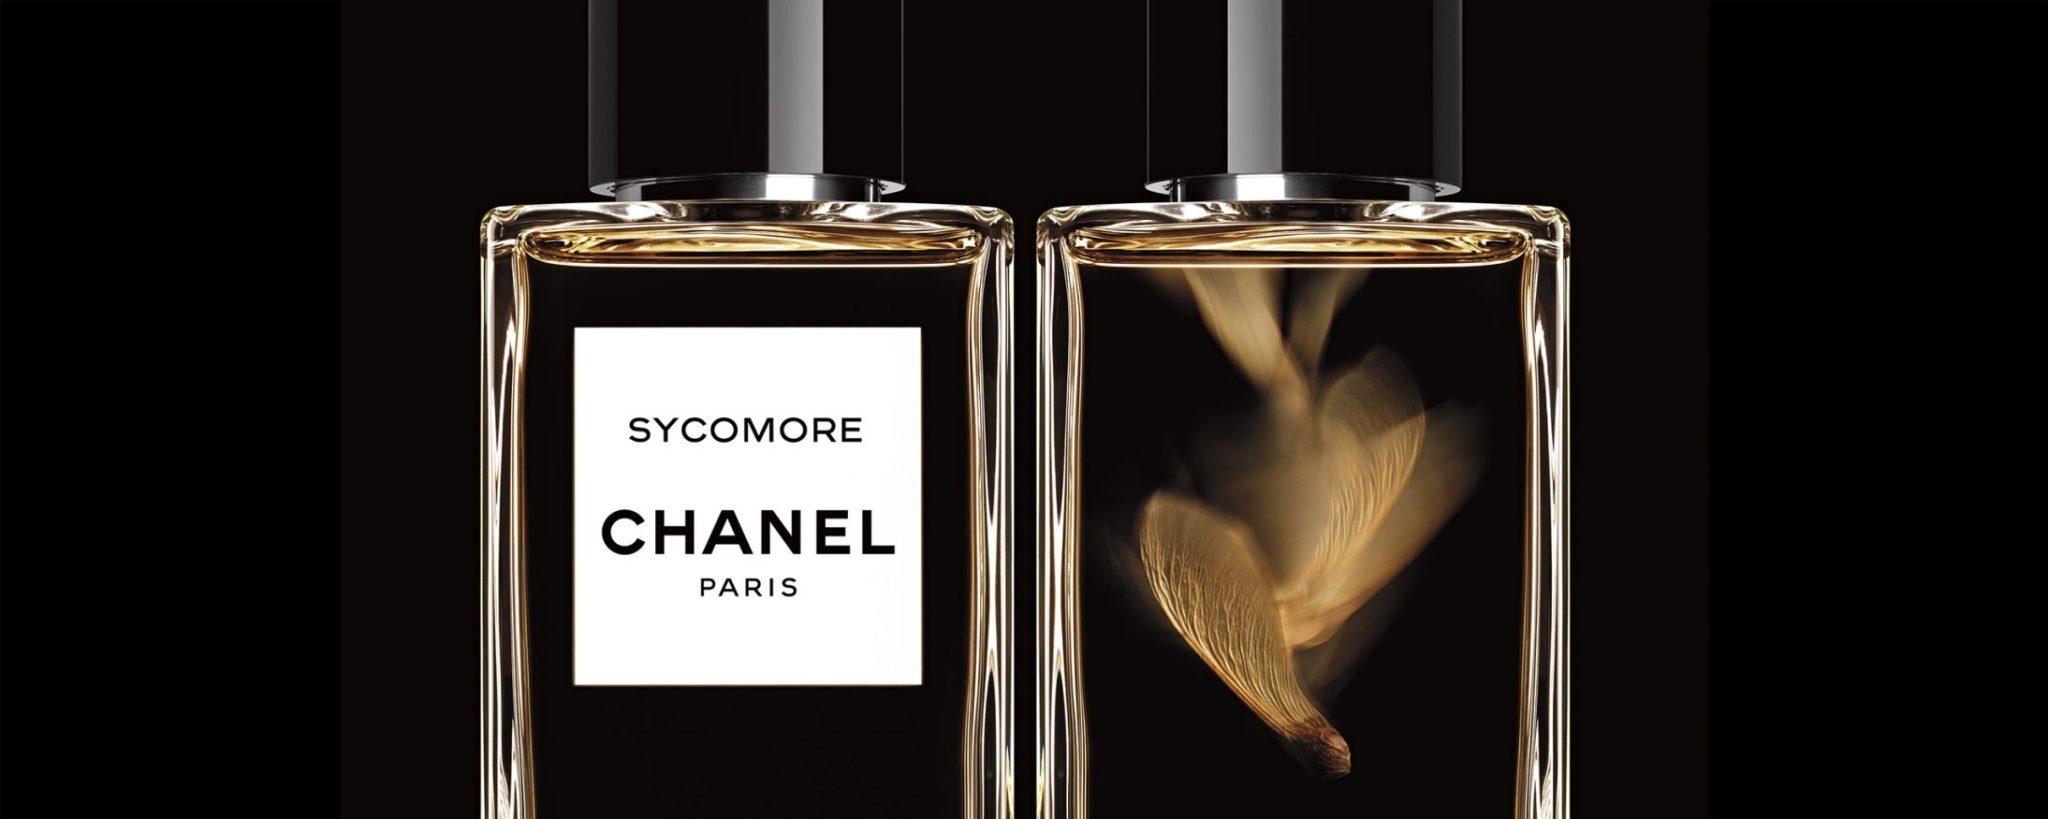 Chanel Les Exclusifs Sycomore eau de parfum Esprit de Gabrielle jeronimodiparigi-dev-esprit-de-gabrielle.pf1.wpserveur.net